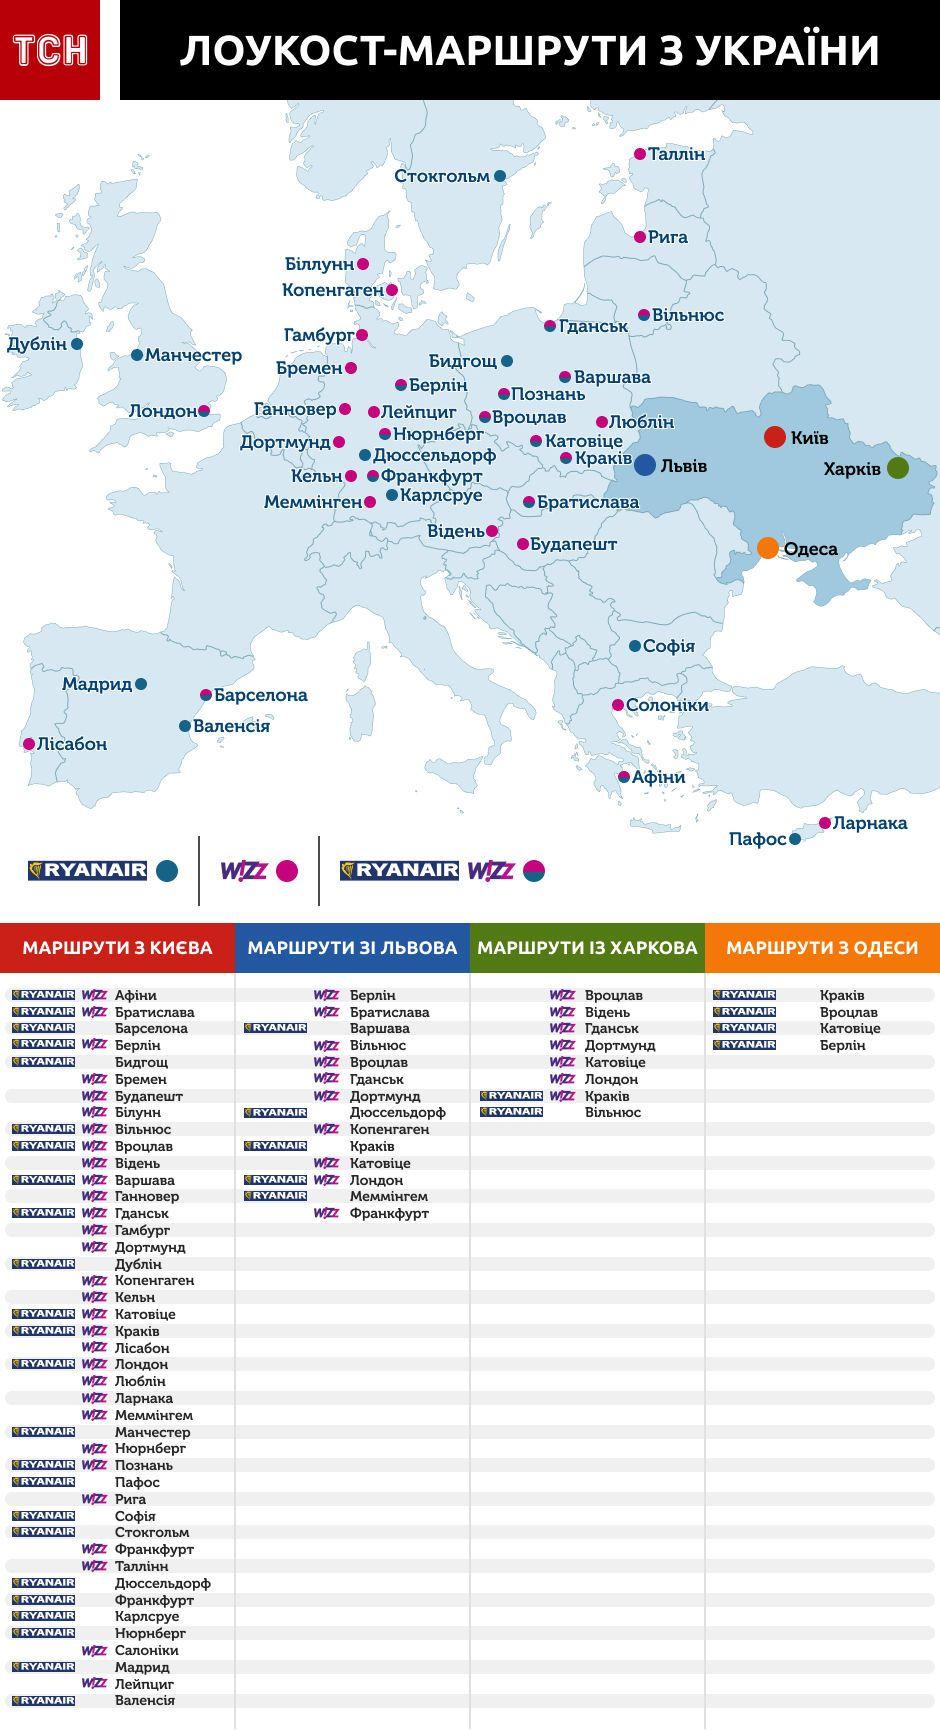 Лоукост-маршрути з України ТСН новий 28-03-19